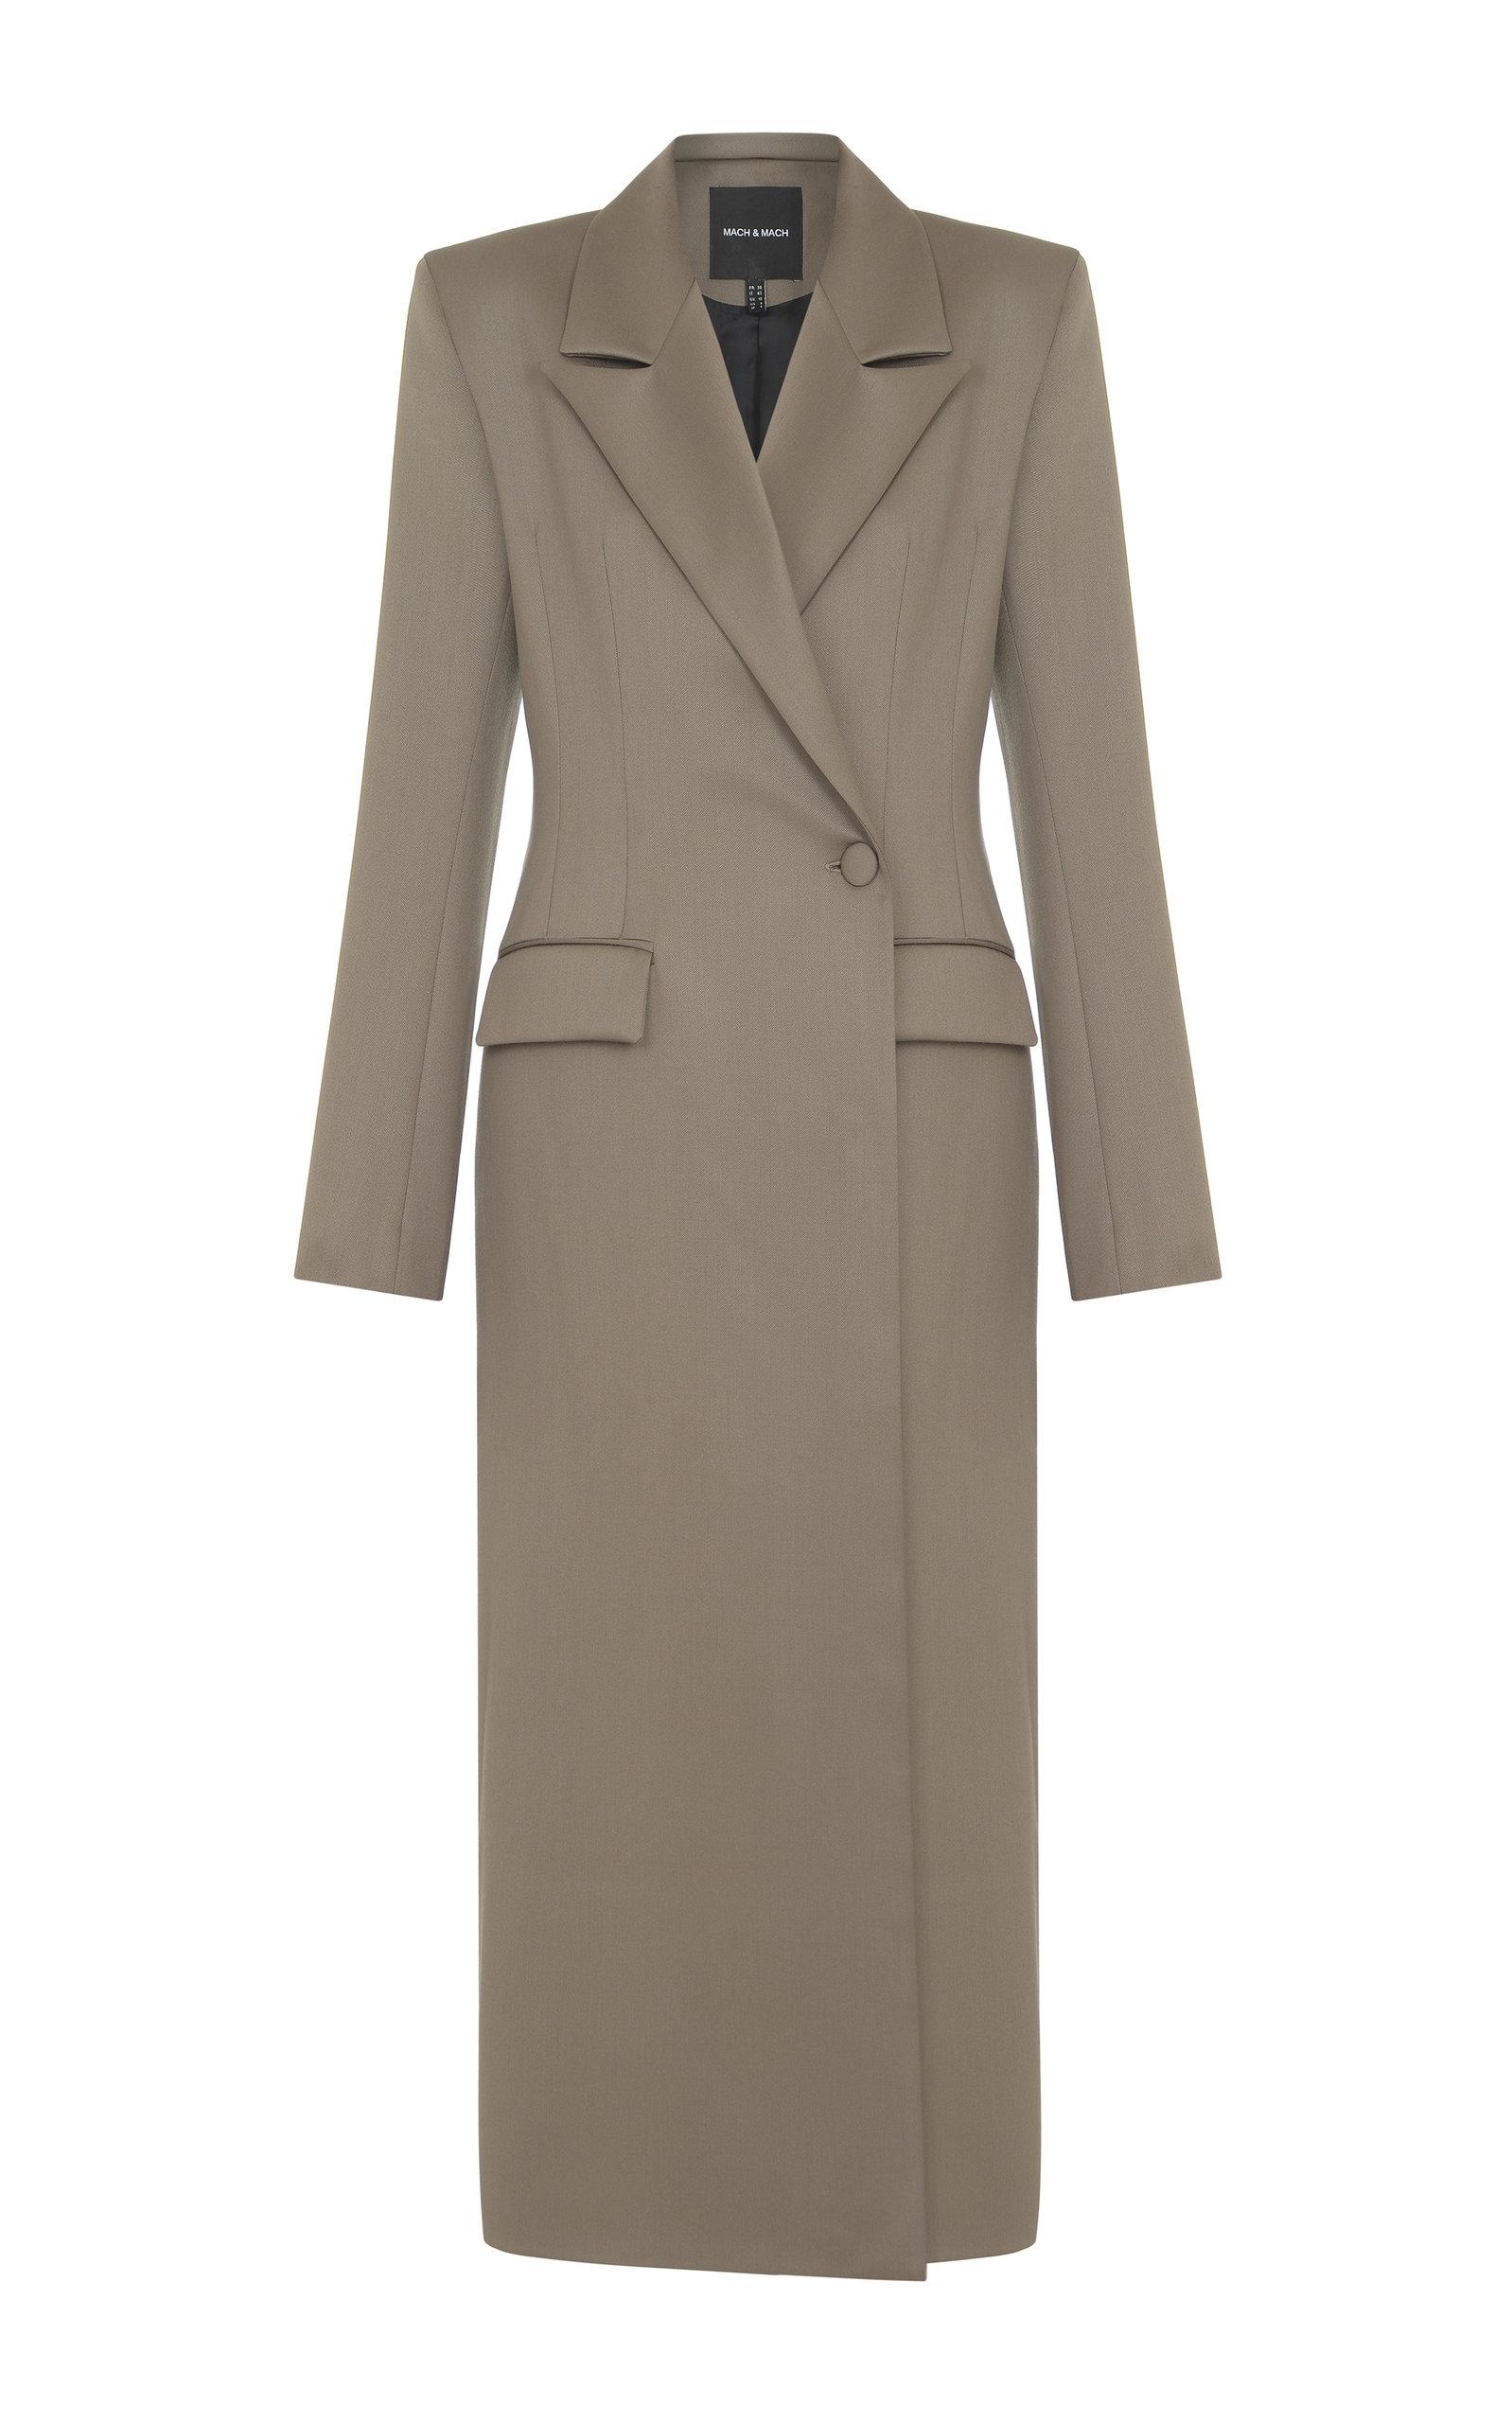 Women's Button-Detailed Wool Longline Coat